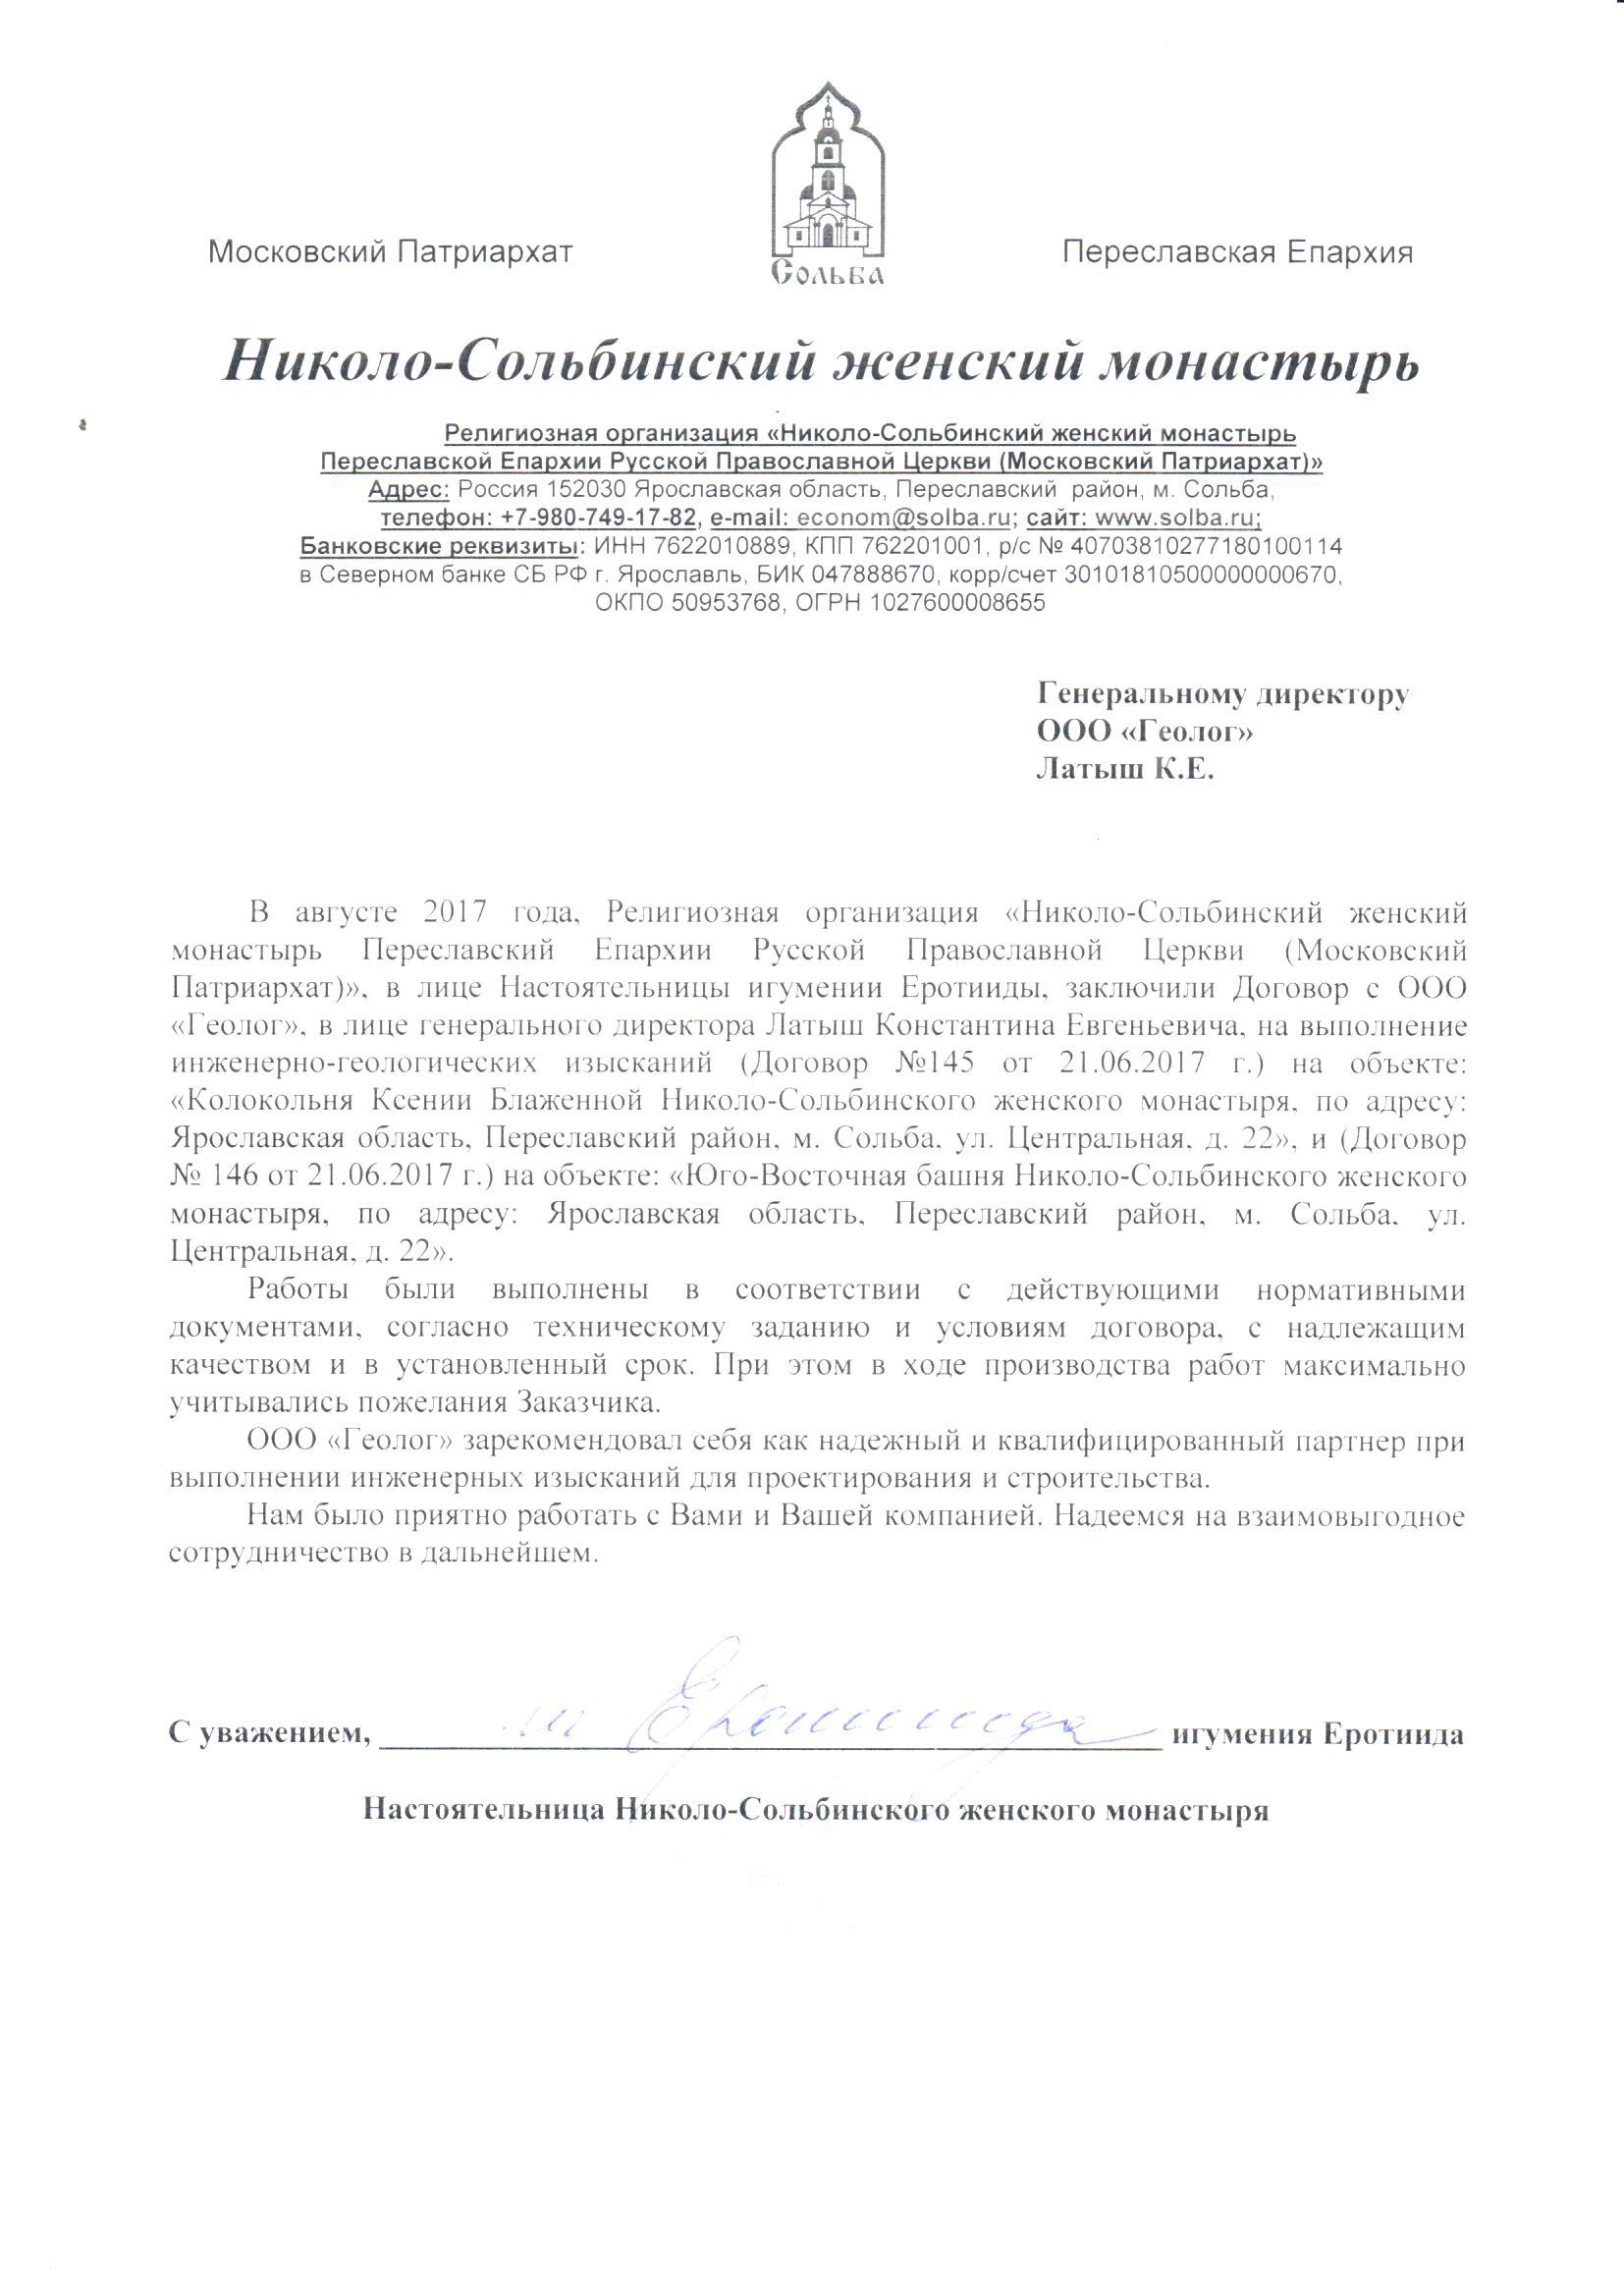 Отзыв-Николо-Сольбинский-женский-монастырь